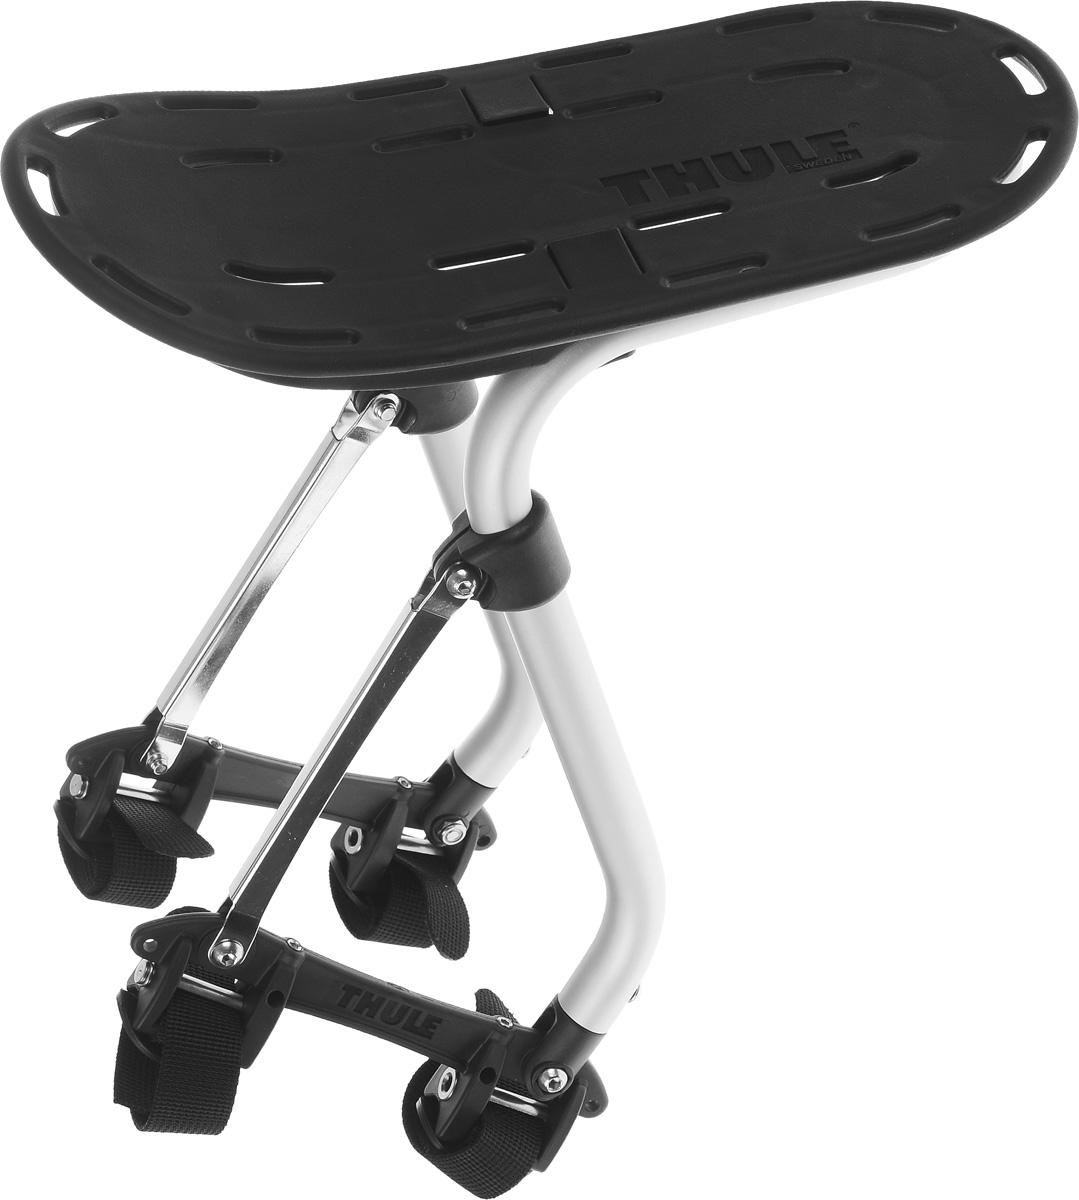 Багажник велосипедный Thule Pack n Pedal Sport RackCL-614 sil/12005Багажник велосипедный Thule Pack n Pedal Sport Rack для активных занятий спортом предназначен, главным образом, для размещения грузов и сумок сверху. Многочисленные отверстия позволяют надежно закрепить груз на багажнике при помощи ремней. Запатентованная система установки для велосипедов любого типа - от простого до двухподвесного с диаметром колеса 29. Багажник устанавливается как над задними, так и над передними колесами. Подходит для любого материала рамы велосипеда. Изделие имеет бесшумную конструкцию и не создает вибрации. Багажник поставляется в разобранном виде. Инструкция по сборке прилагается. Грузоподъемность: до 25 кг. Размер доски для размещения грузов: 32 х 15 см.